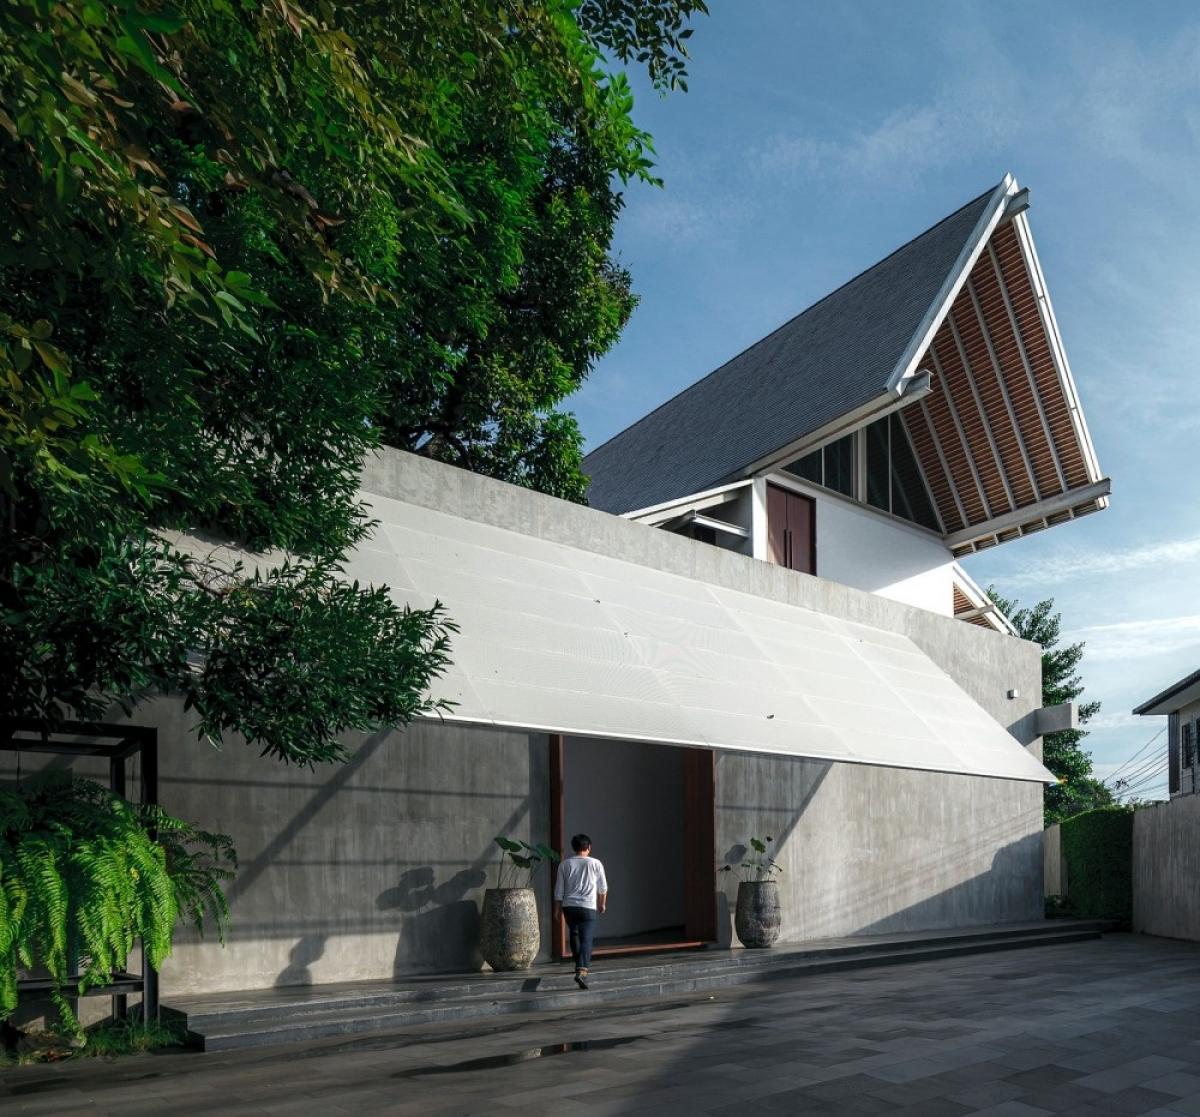 Nhà thiết kế đã dựa vào hướng nắng và gió để xây dựng sao cho một không gian sống tự nhiên, chan hòa nhất có thể.